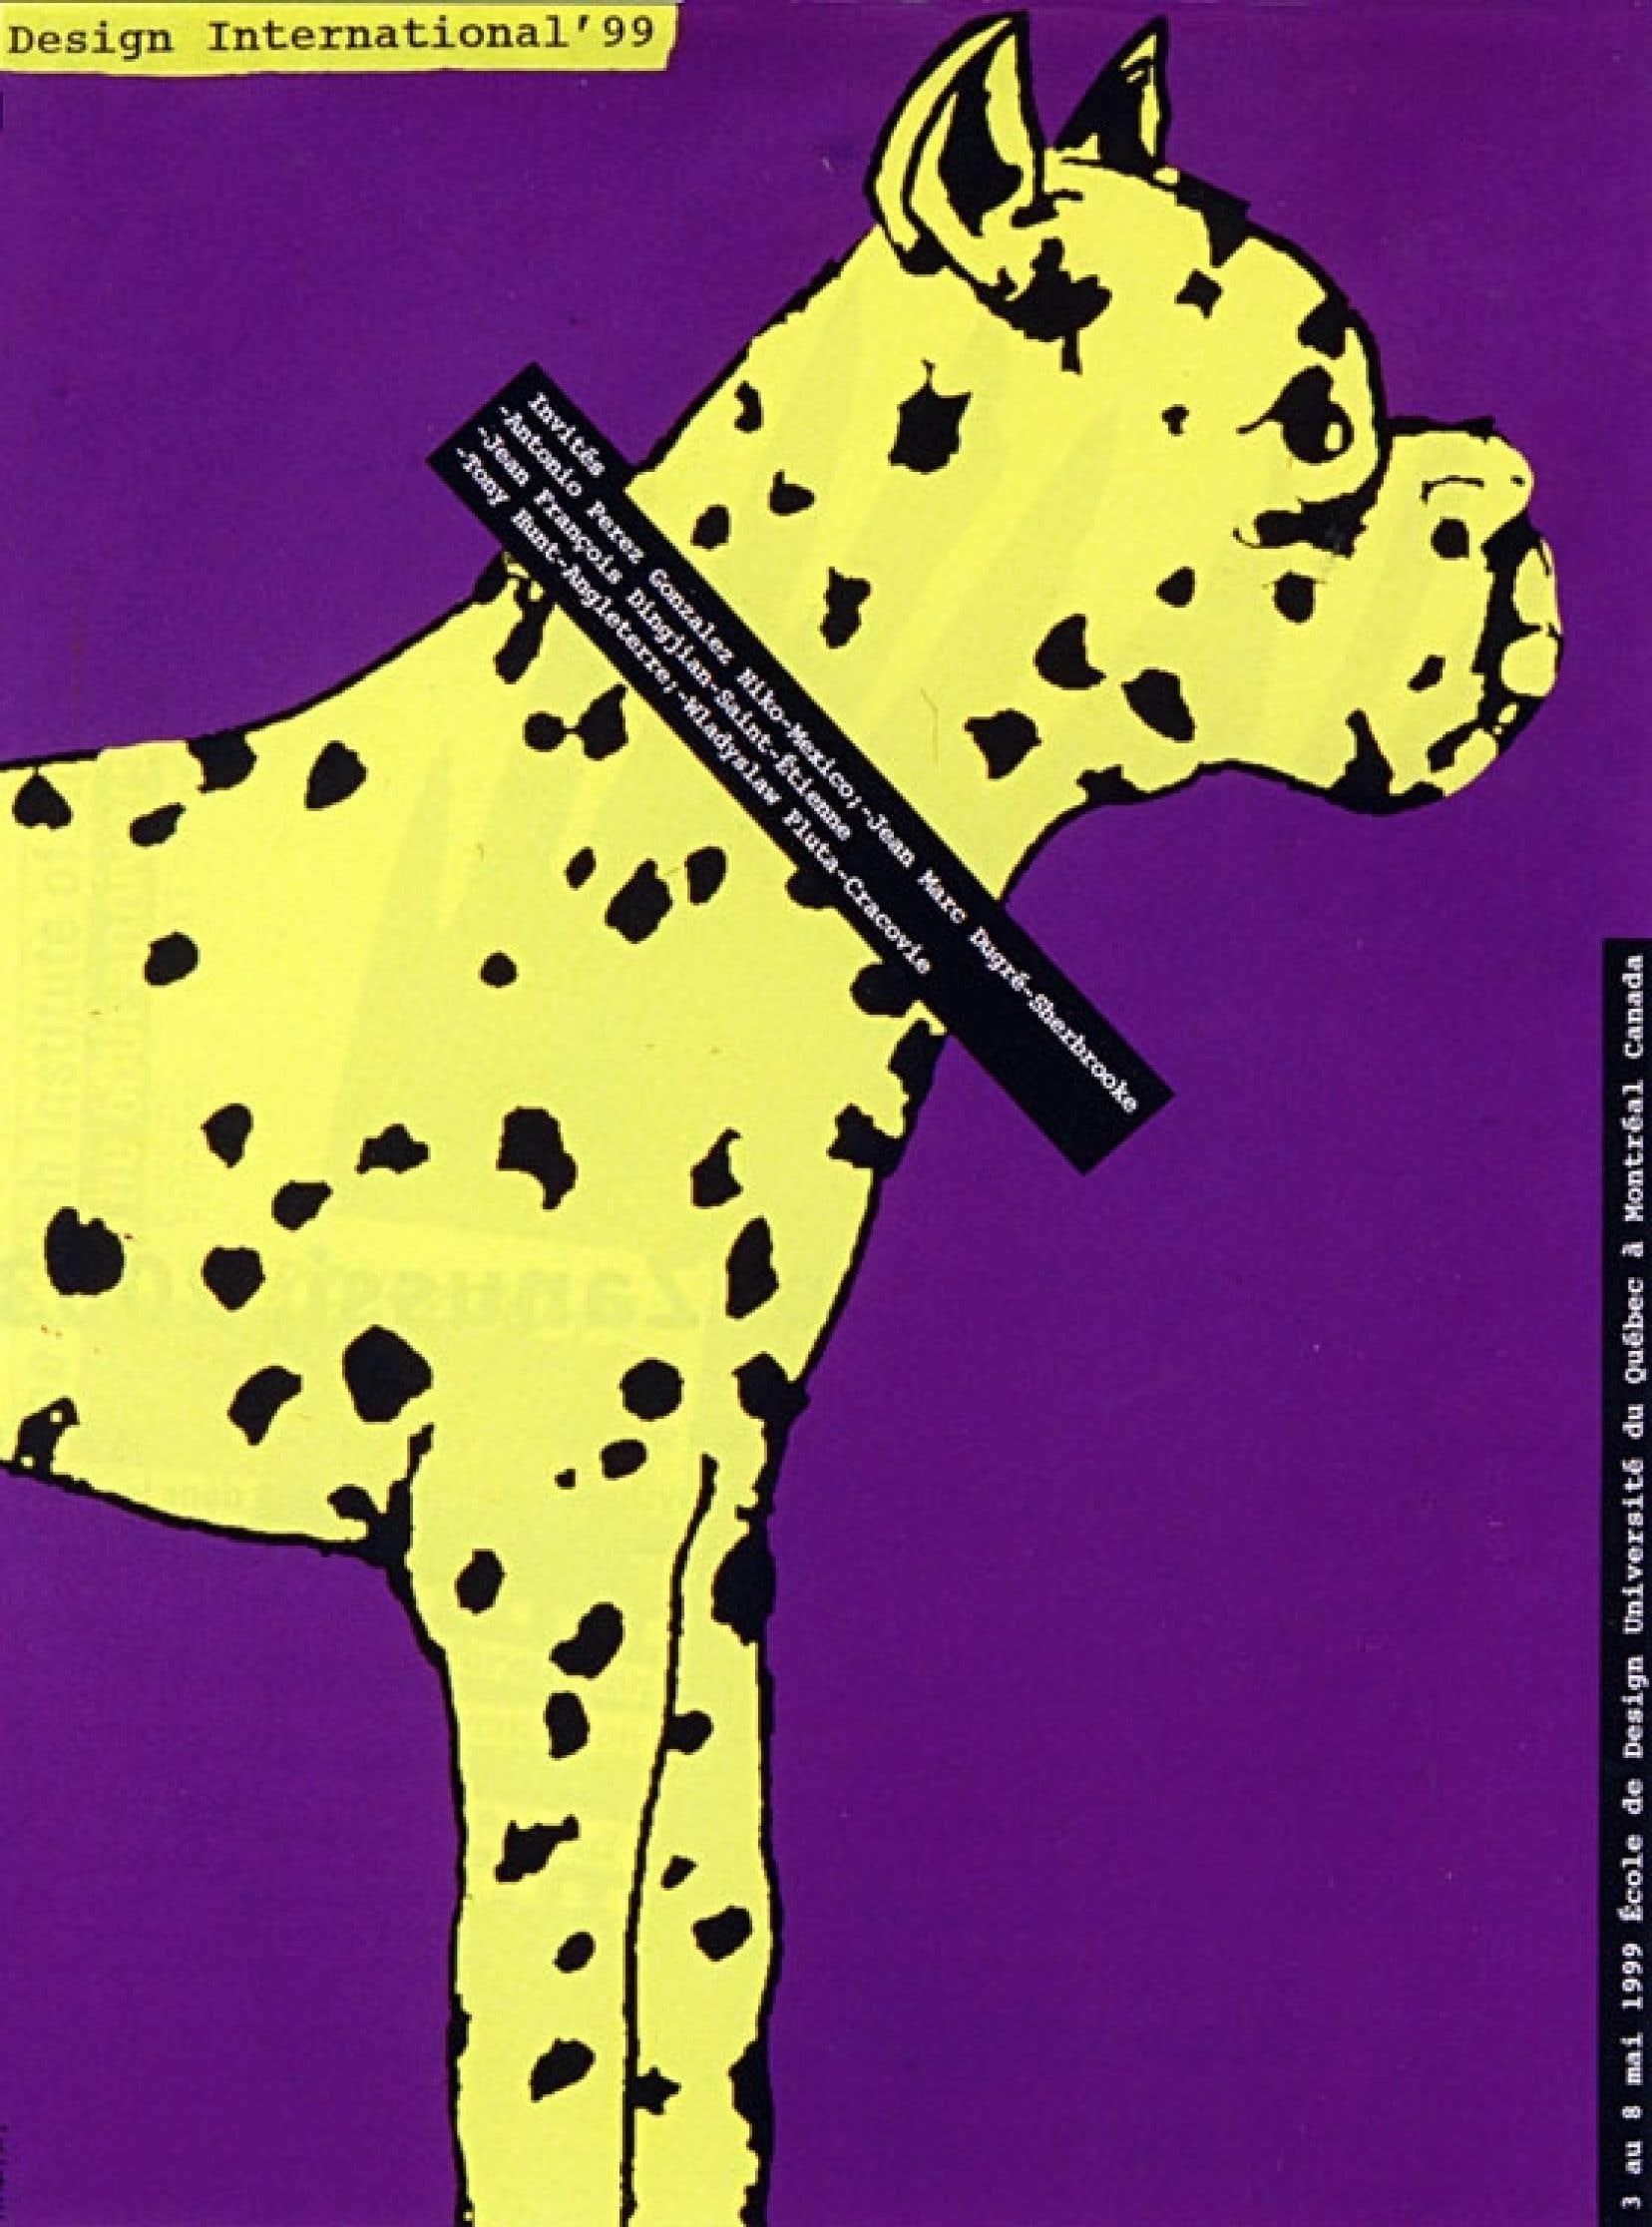 Affiche pour Design International '99, réalisée par sérigraphie